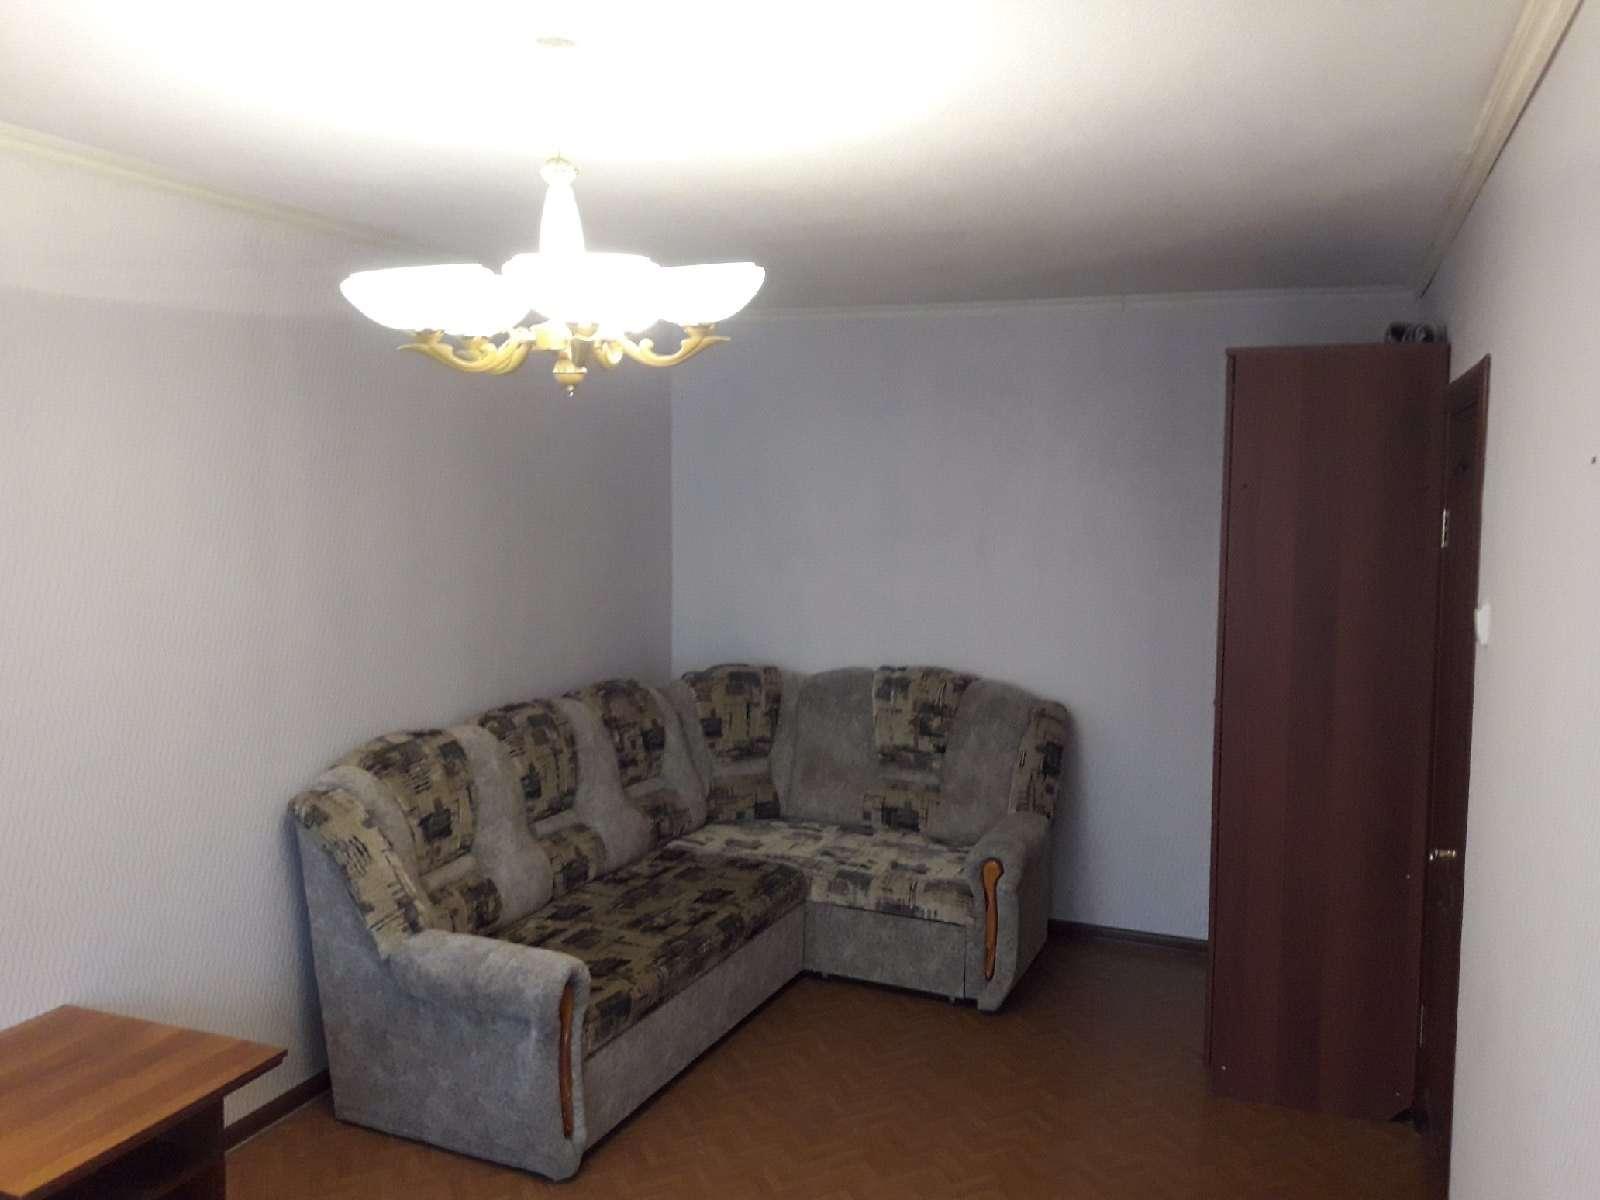 Аренда 1-комнатной квартиры, г. Тольятти, Льва Яшина улица  дом 9